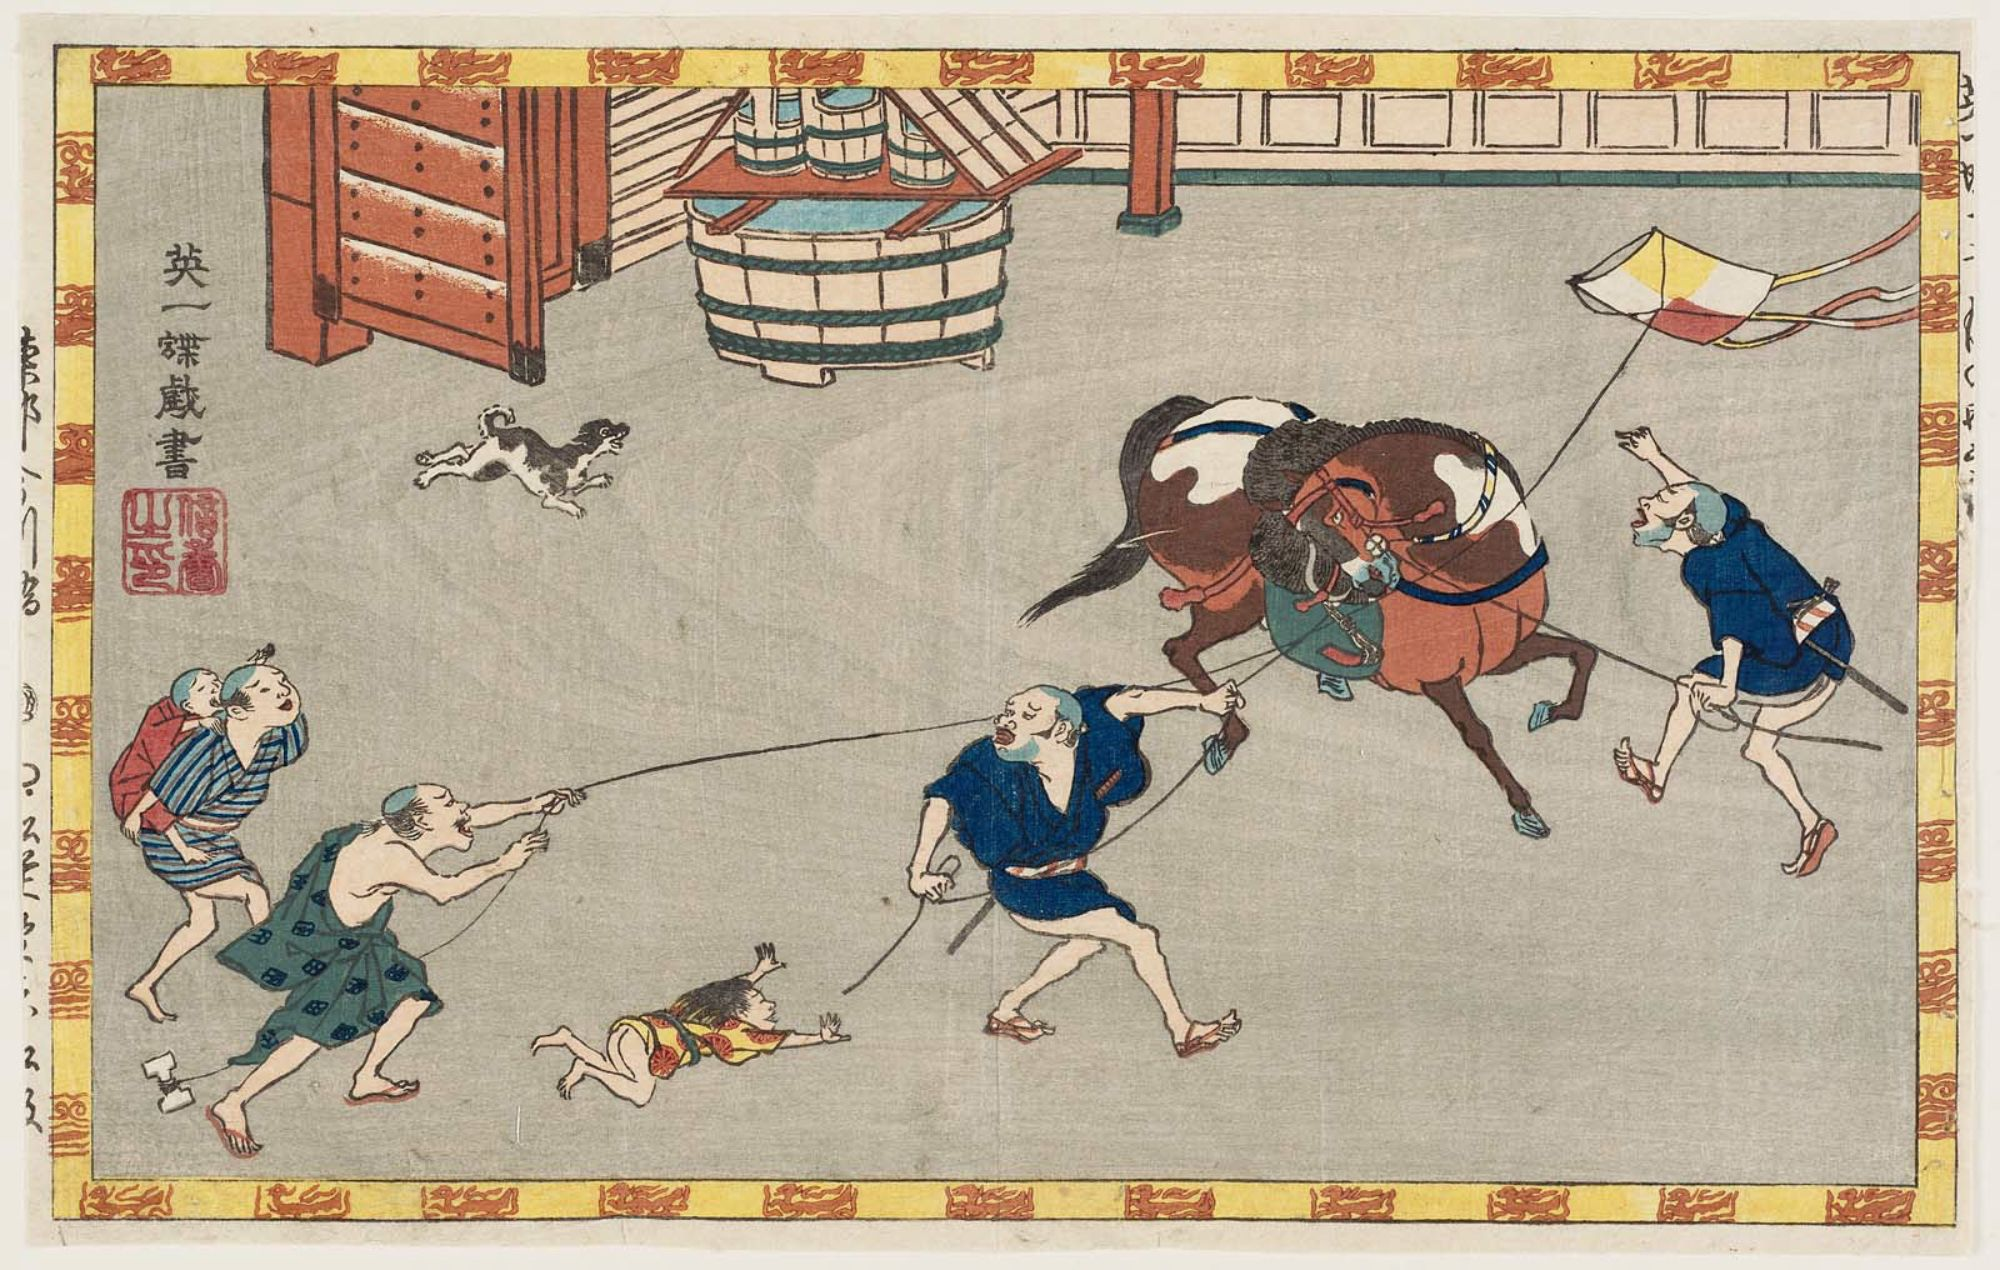 英一蝶: Horse and yakko excited by child's kite - ボストン美術館 - 浮世絵検索